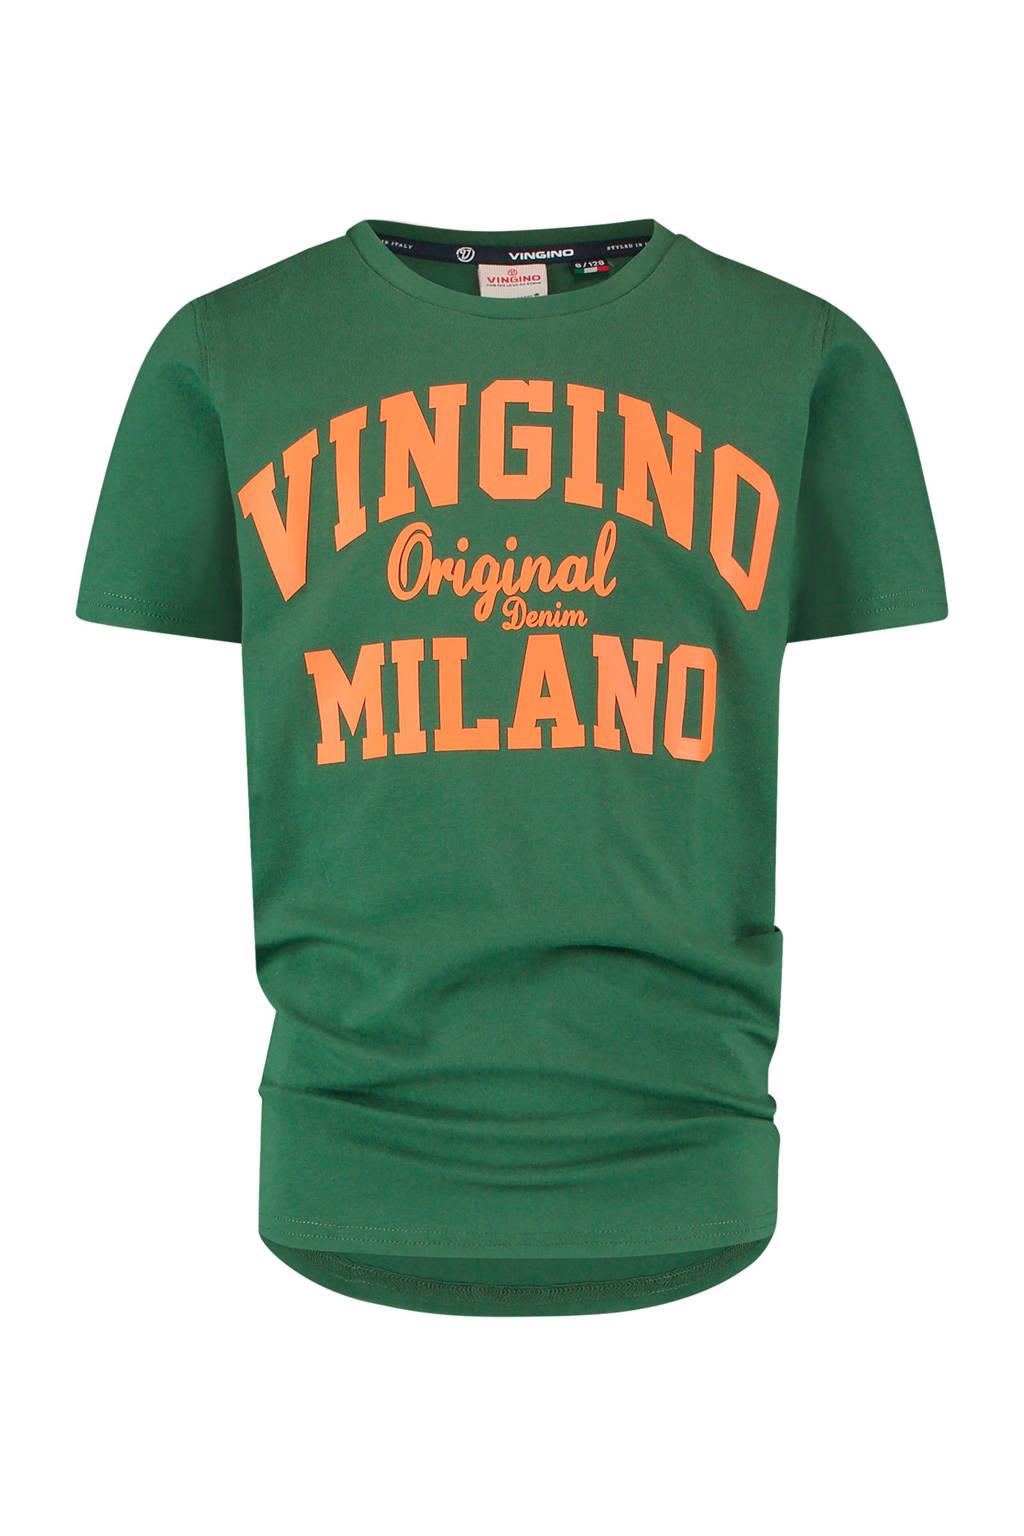 Vingino Essentials T-shirt met logo met biologisch katoen donkergroen/oranje, Donkergroen/oranje